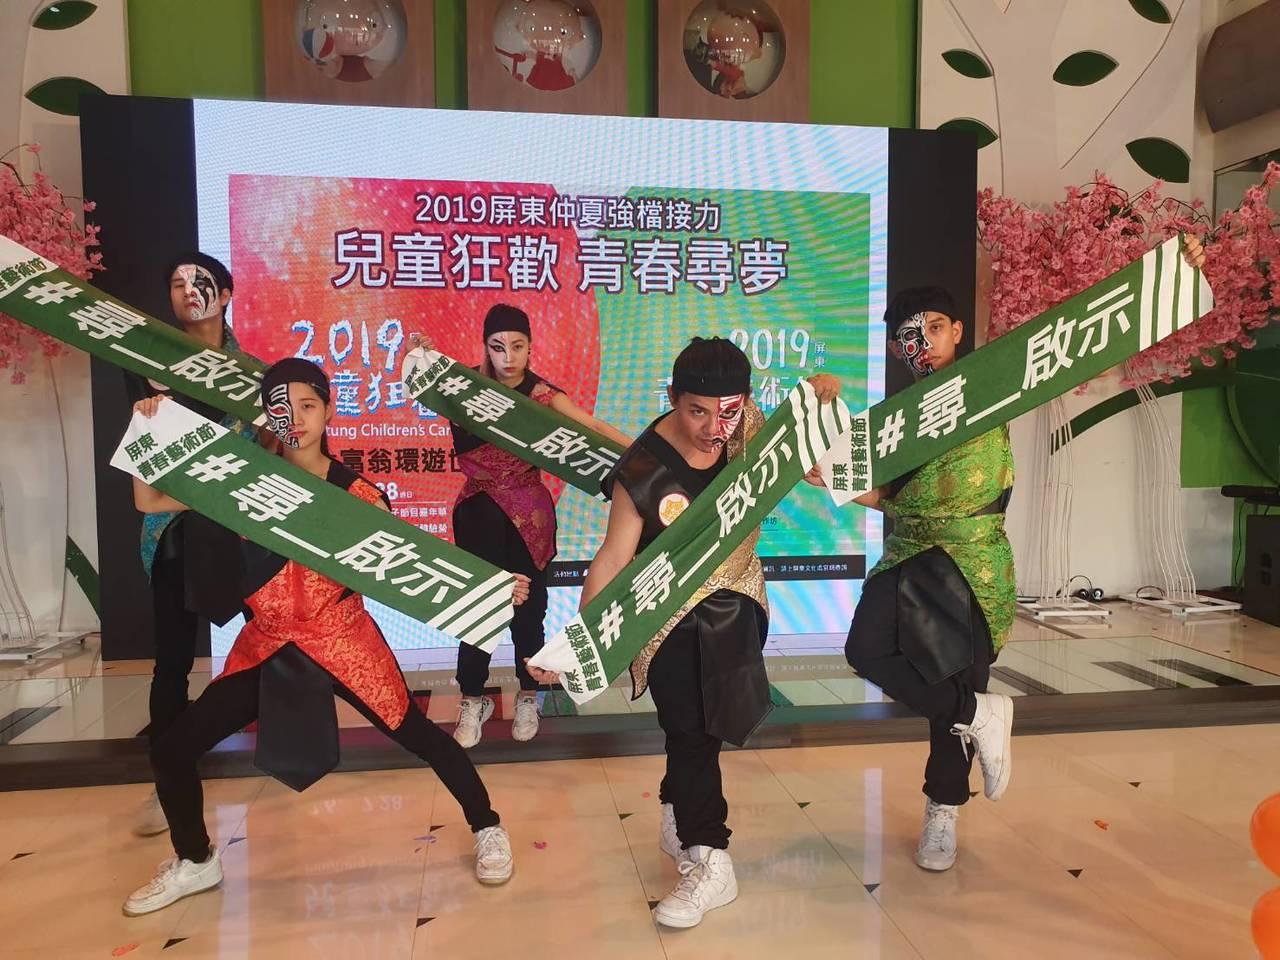 以傳統家將文化紅到國際的鐵四帝《回‧神》將於屏東演藝廳演出。記者江國豪/攝影